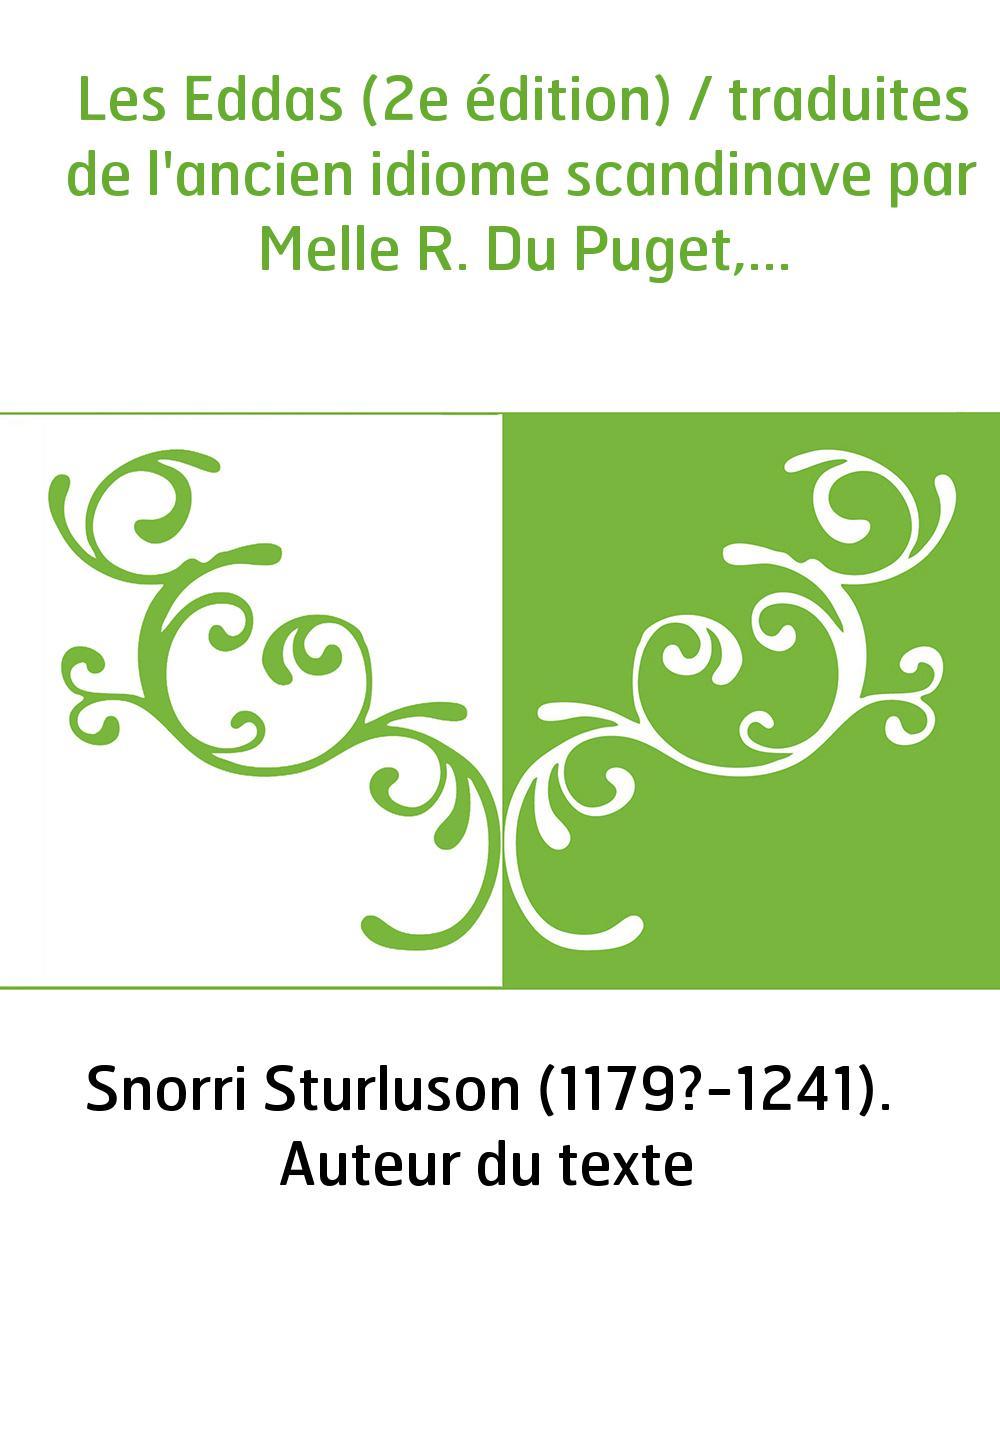 Les Eddas (2e édition) / traduites de l'ancien idiome scandinave par Melle R. Du Puget,...